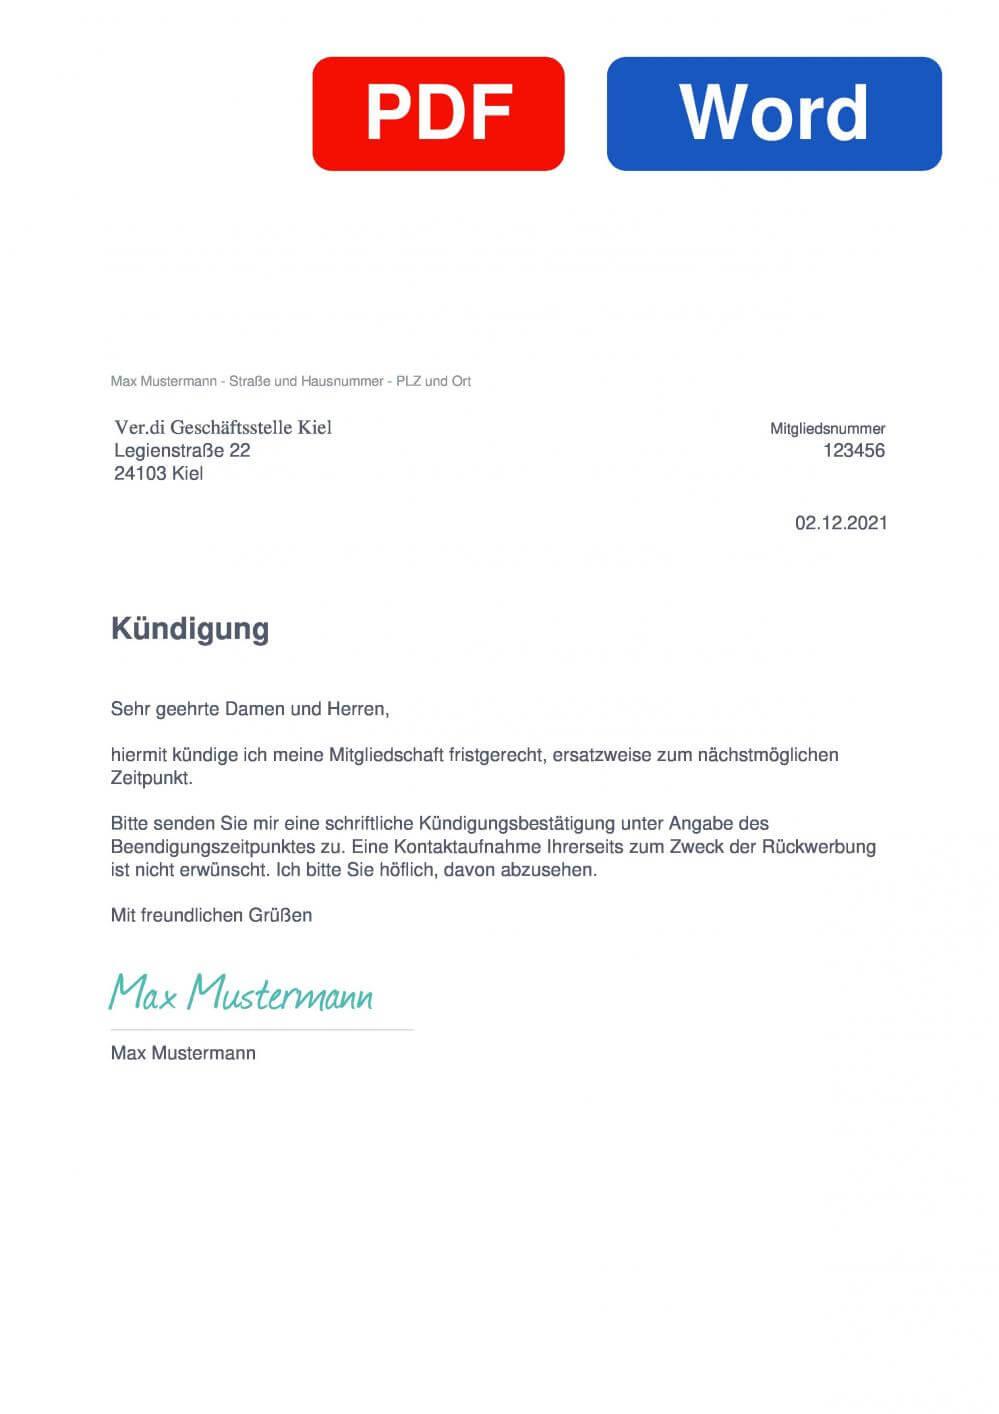 Verdi Kiel Muster Vorlage für Kündigungsschreiben